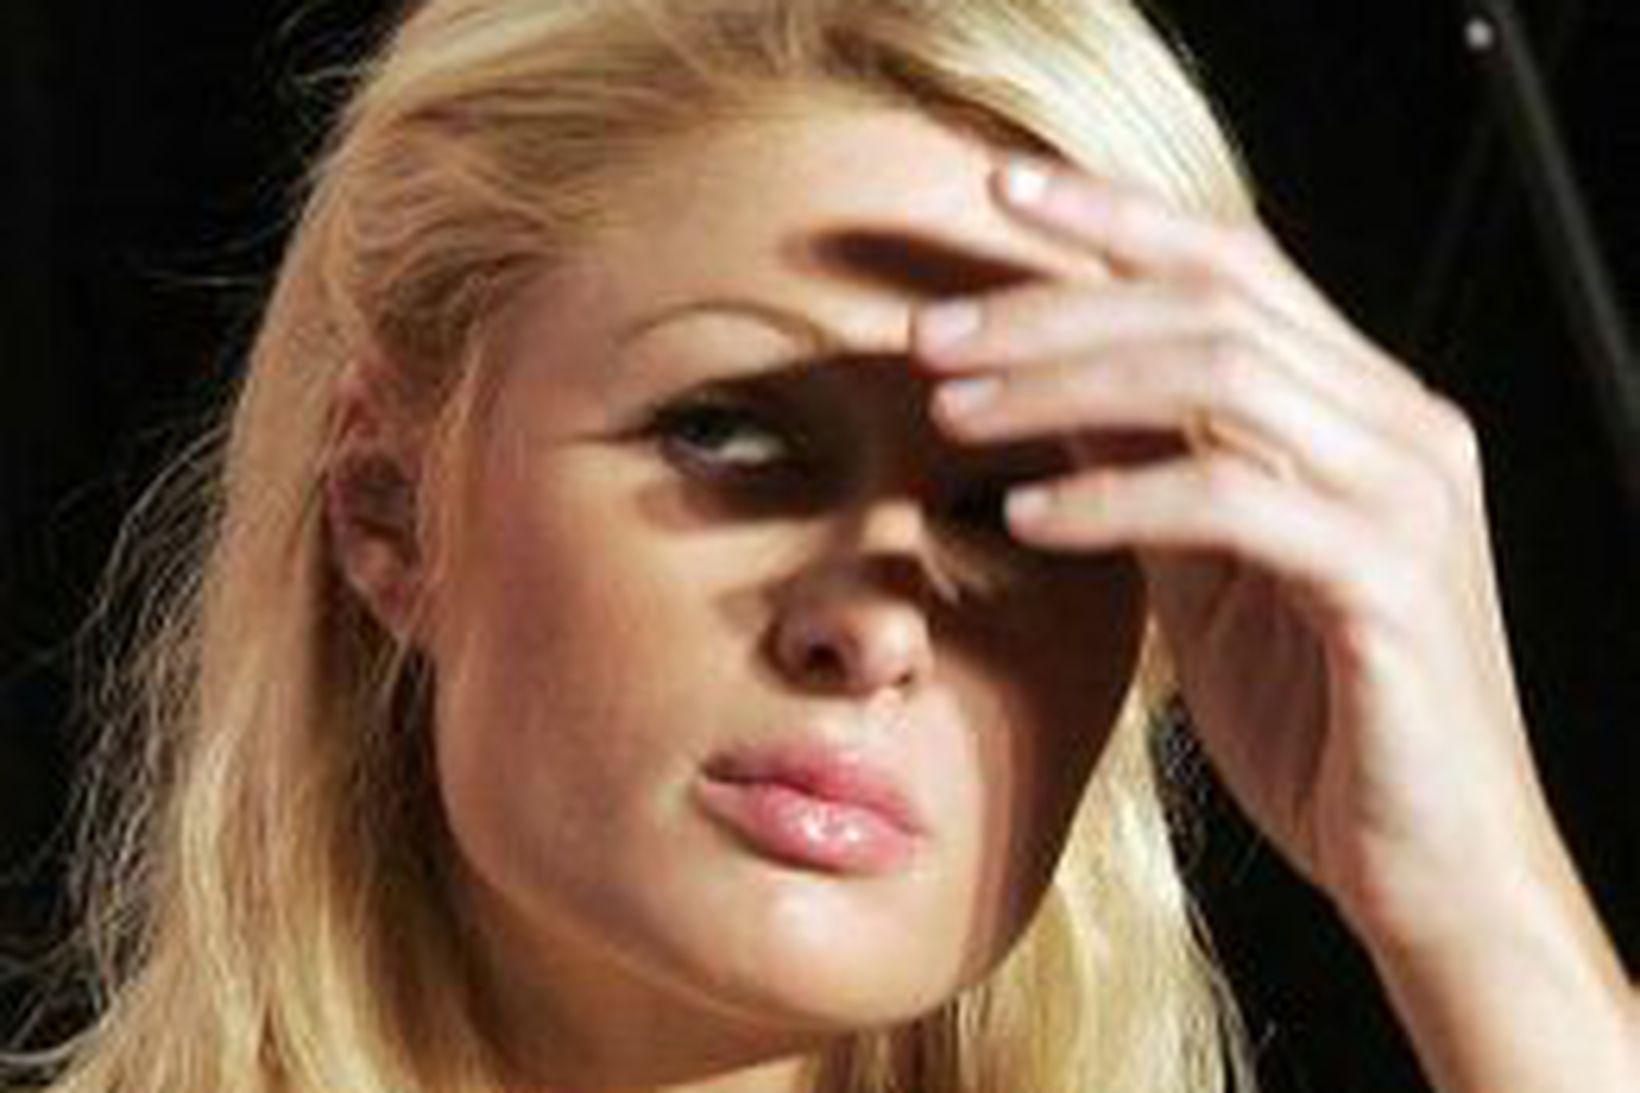 Paris Hilton getur nú óhrædd gert skandala án þess að …